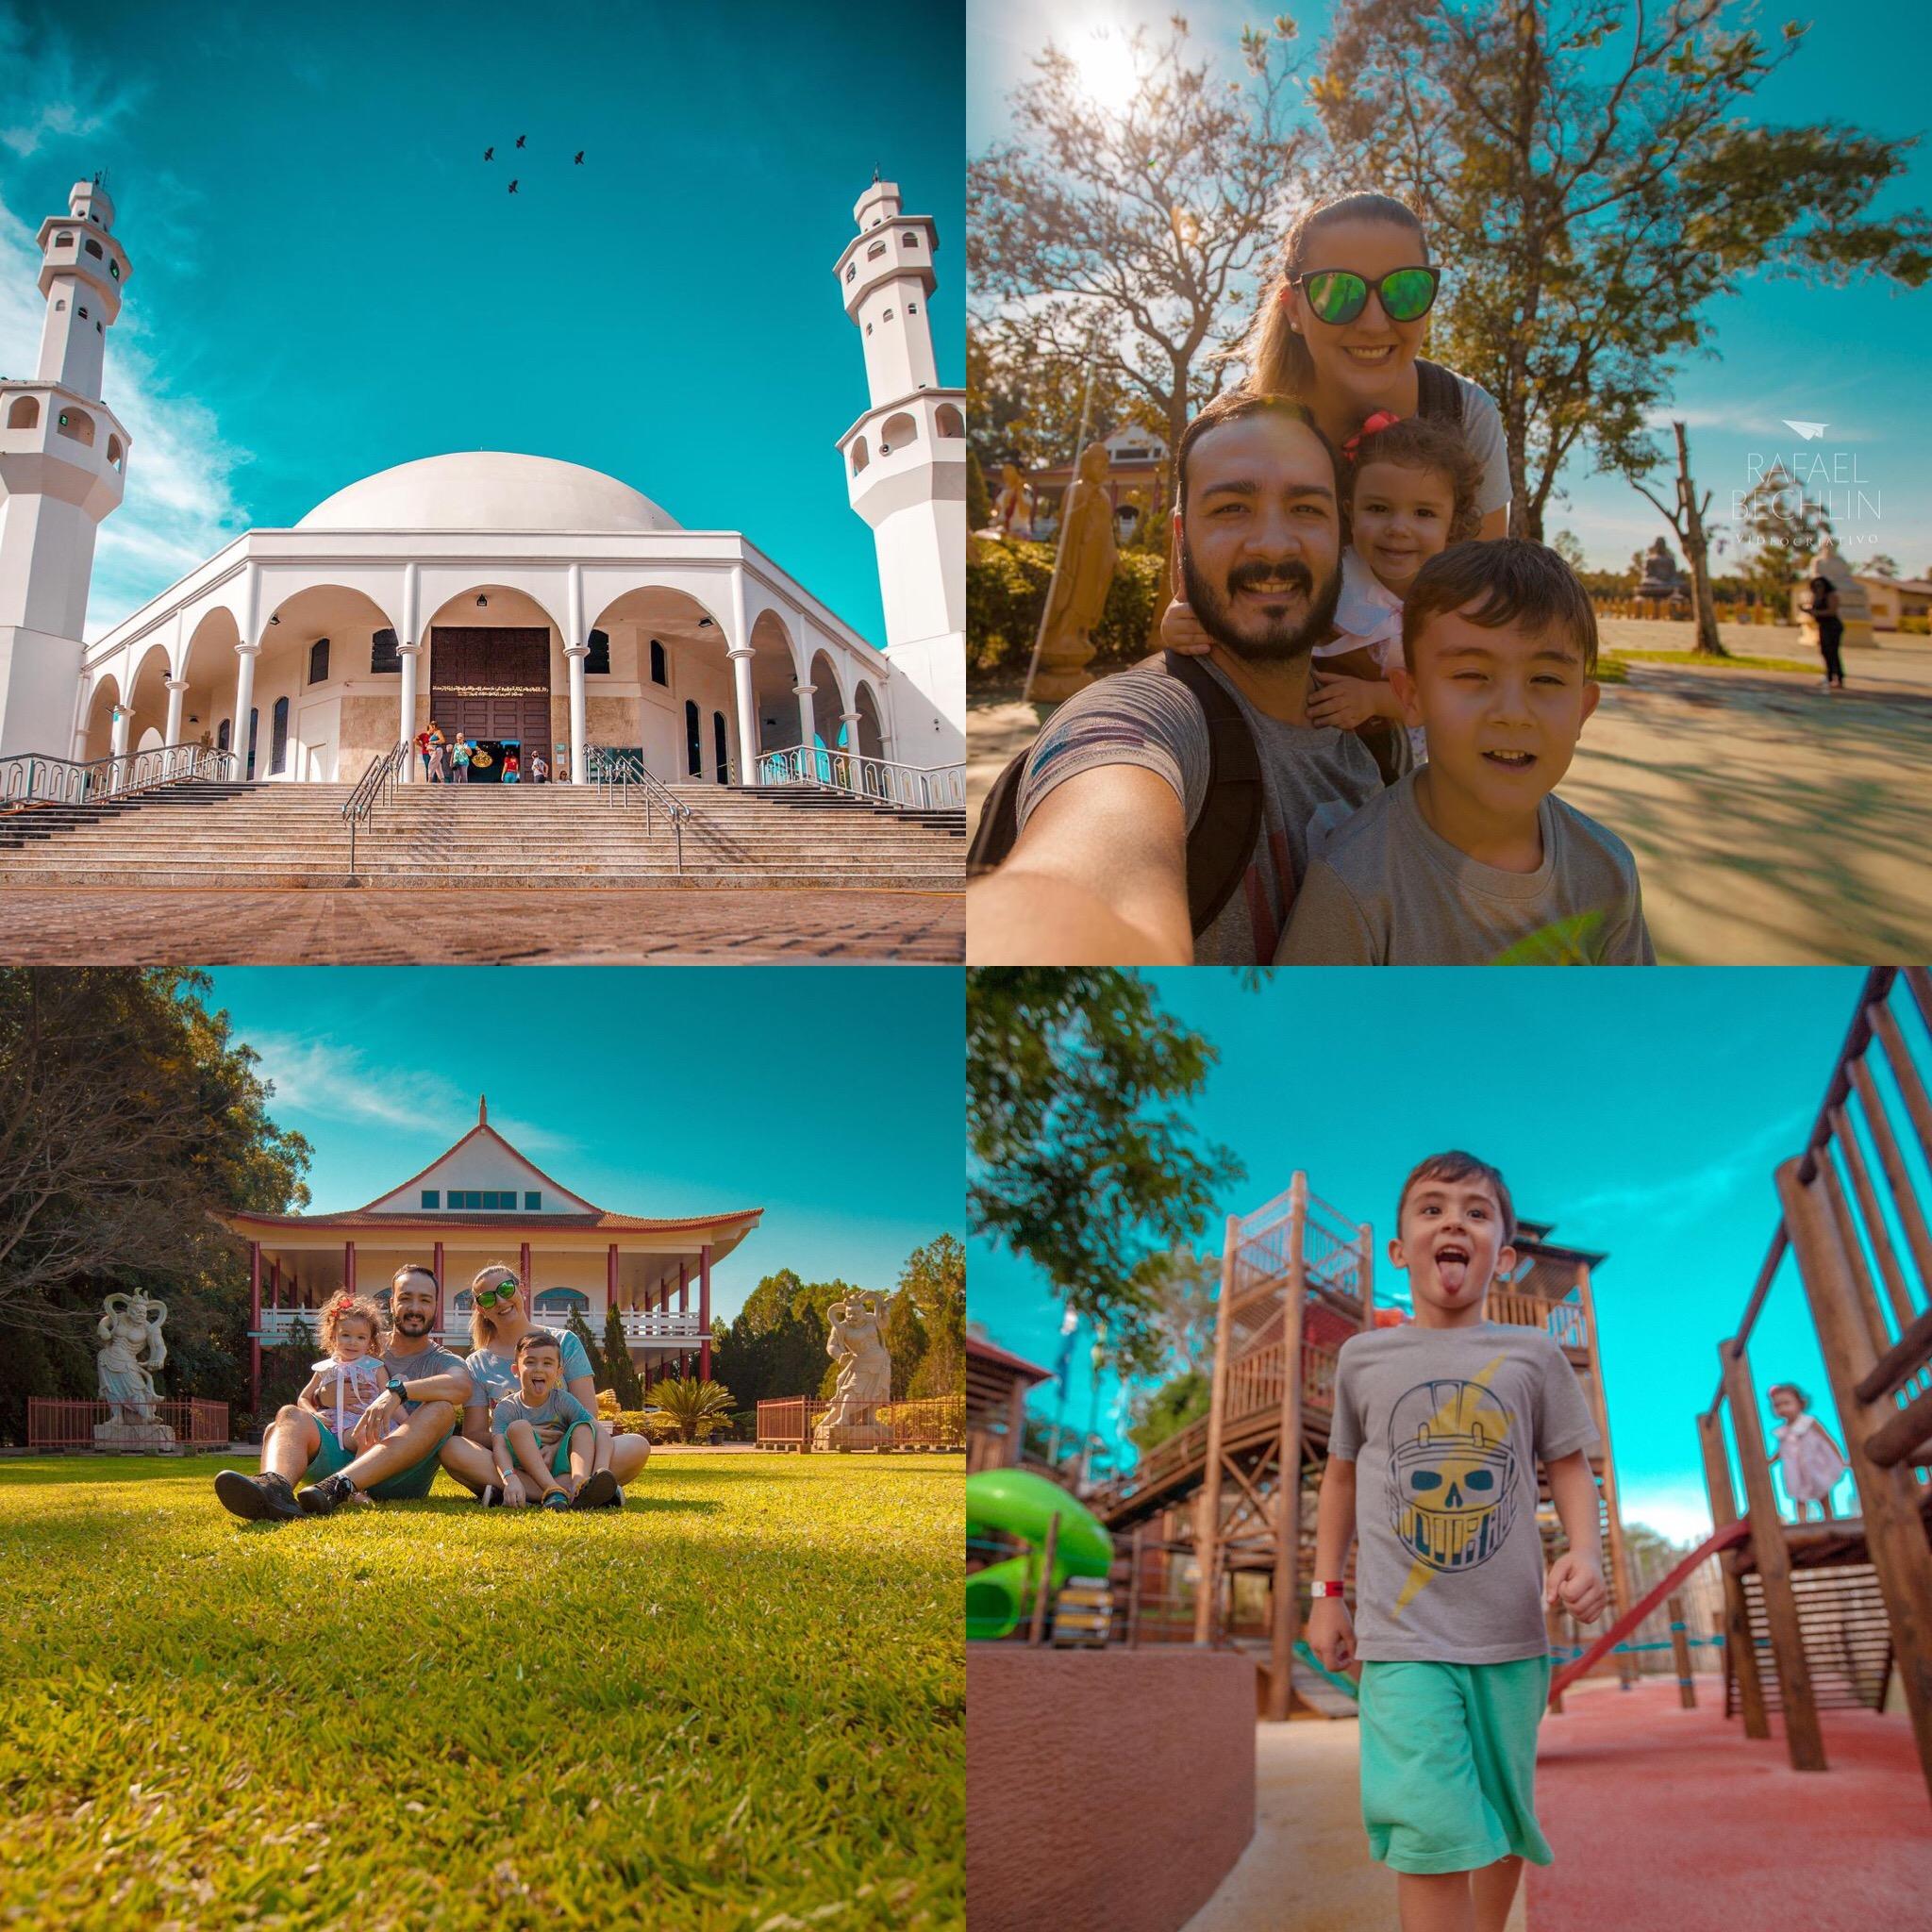 A família do fotógrafo Rafael Bechlin aproveitou muito Foz do Iguaçu